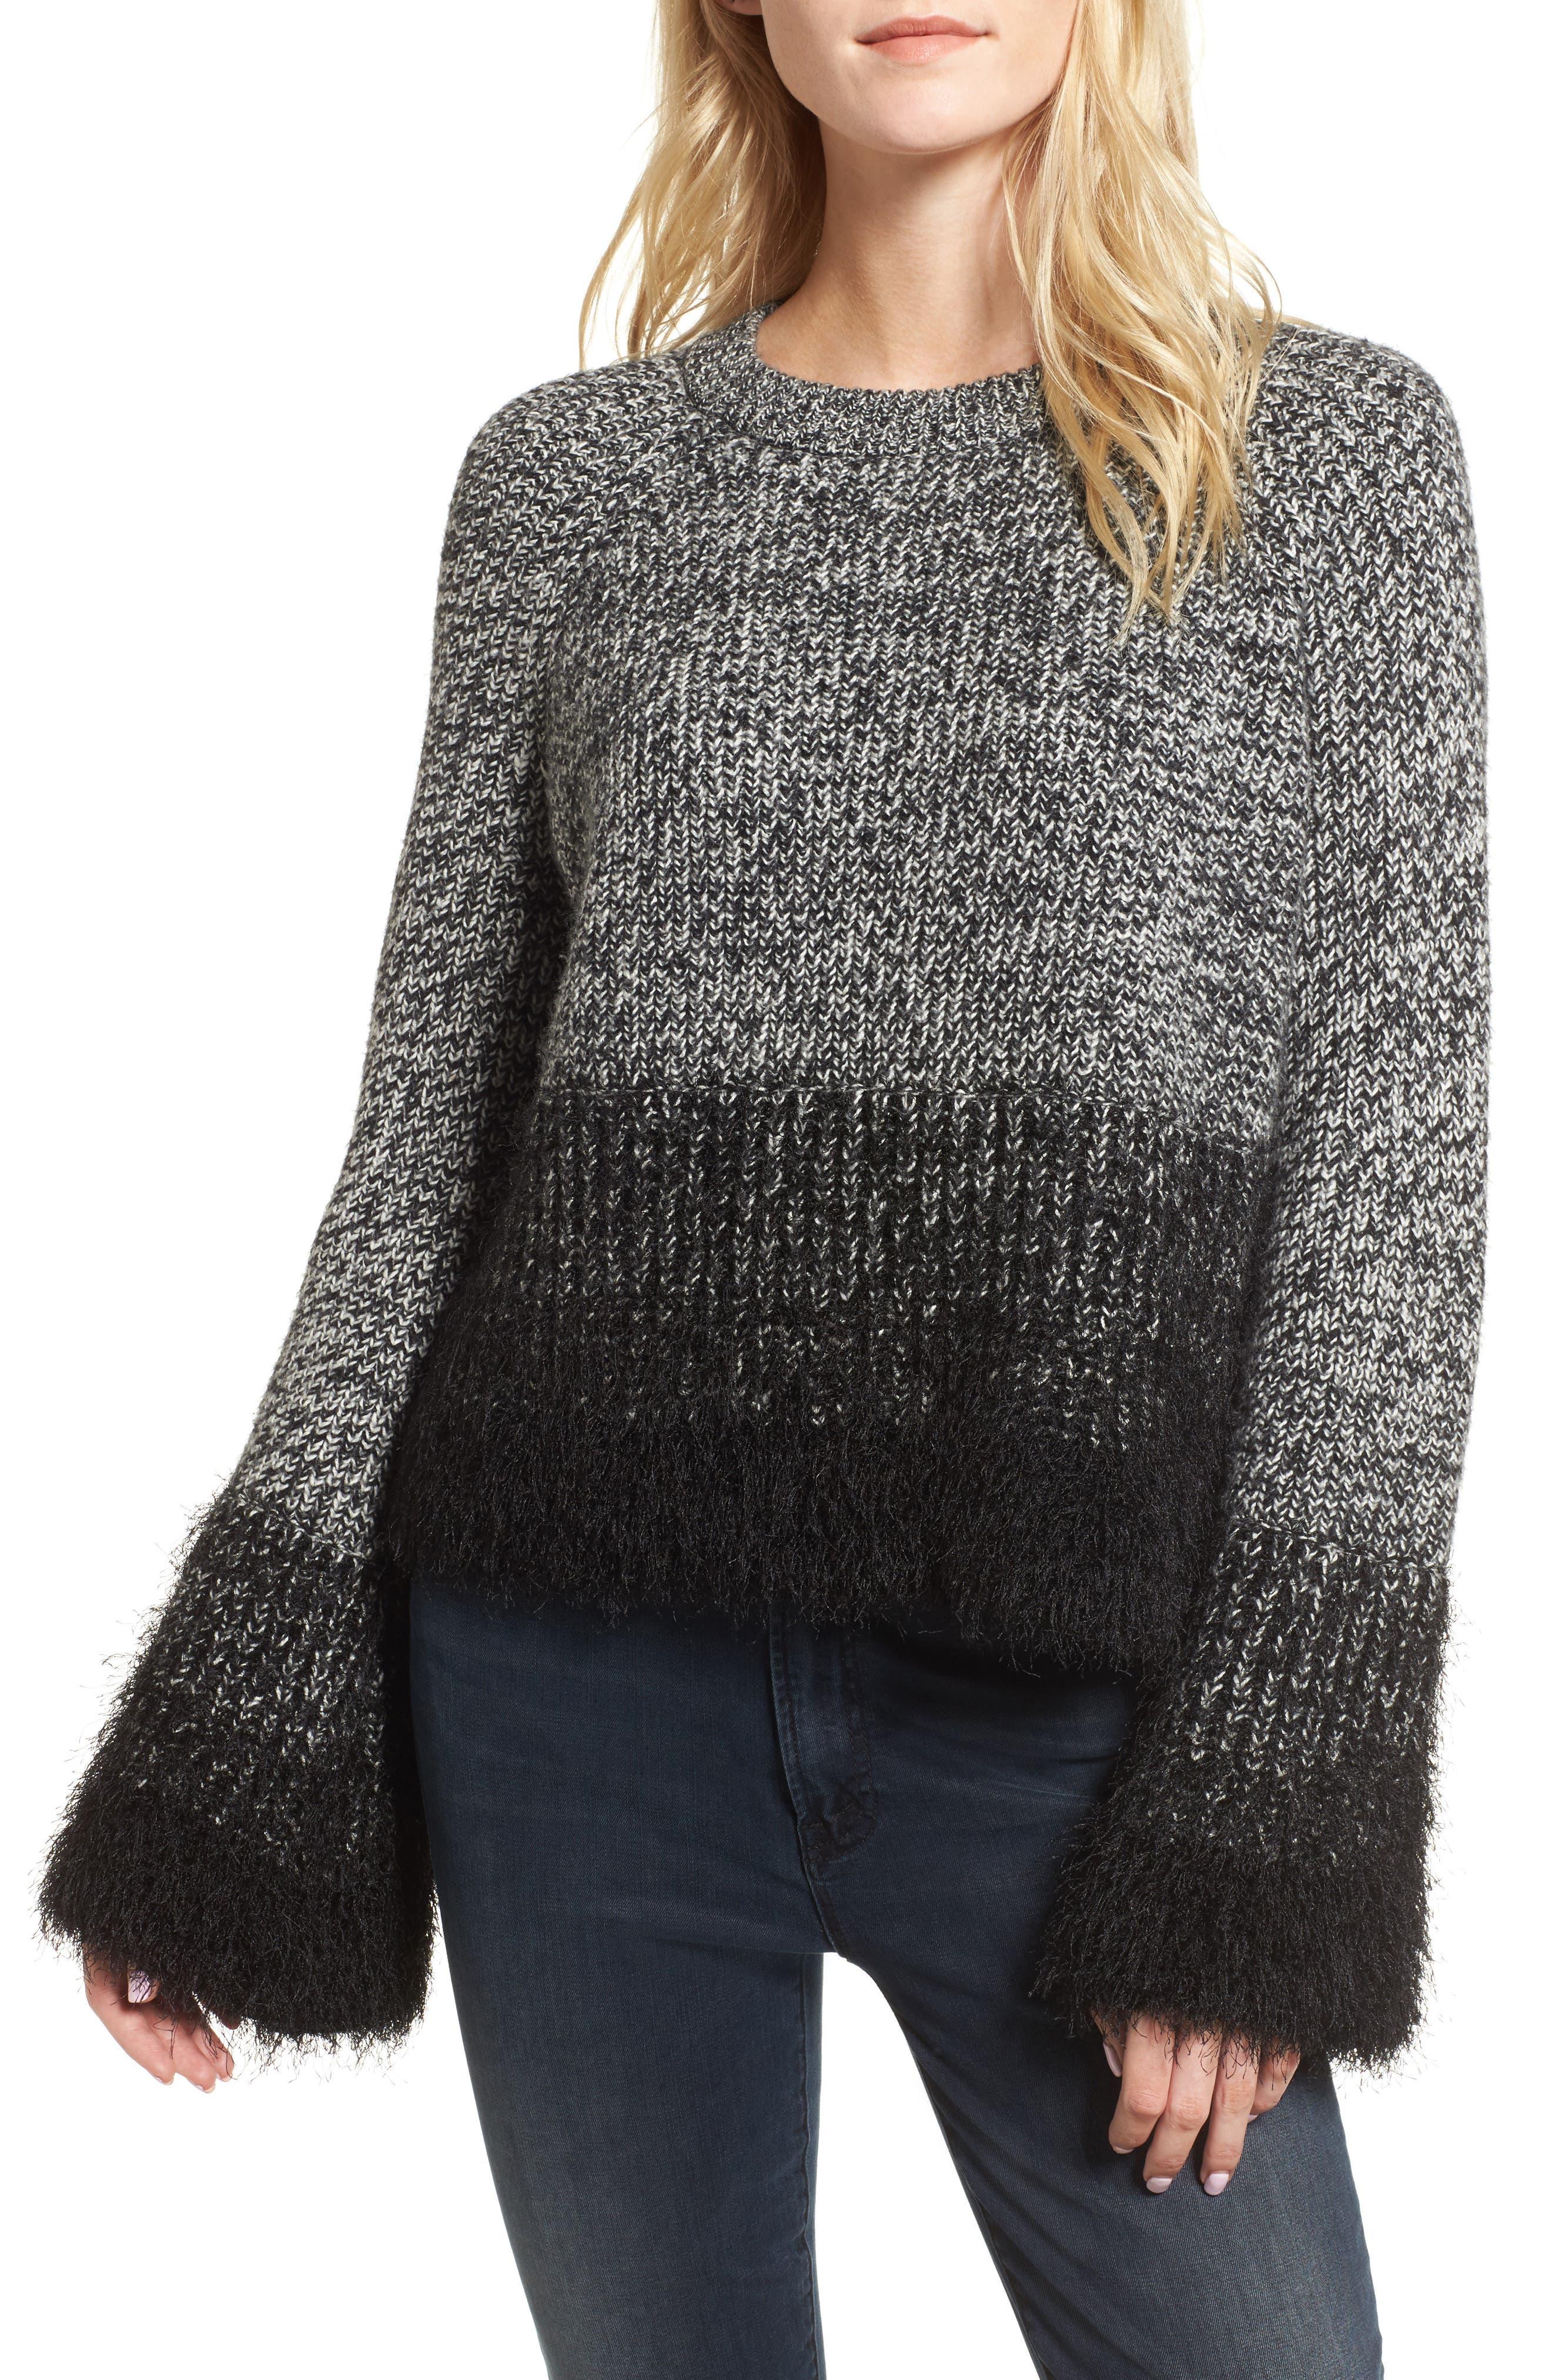 Main Image - 1.STATE Eyelash Fringe Sweater